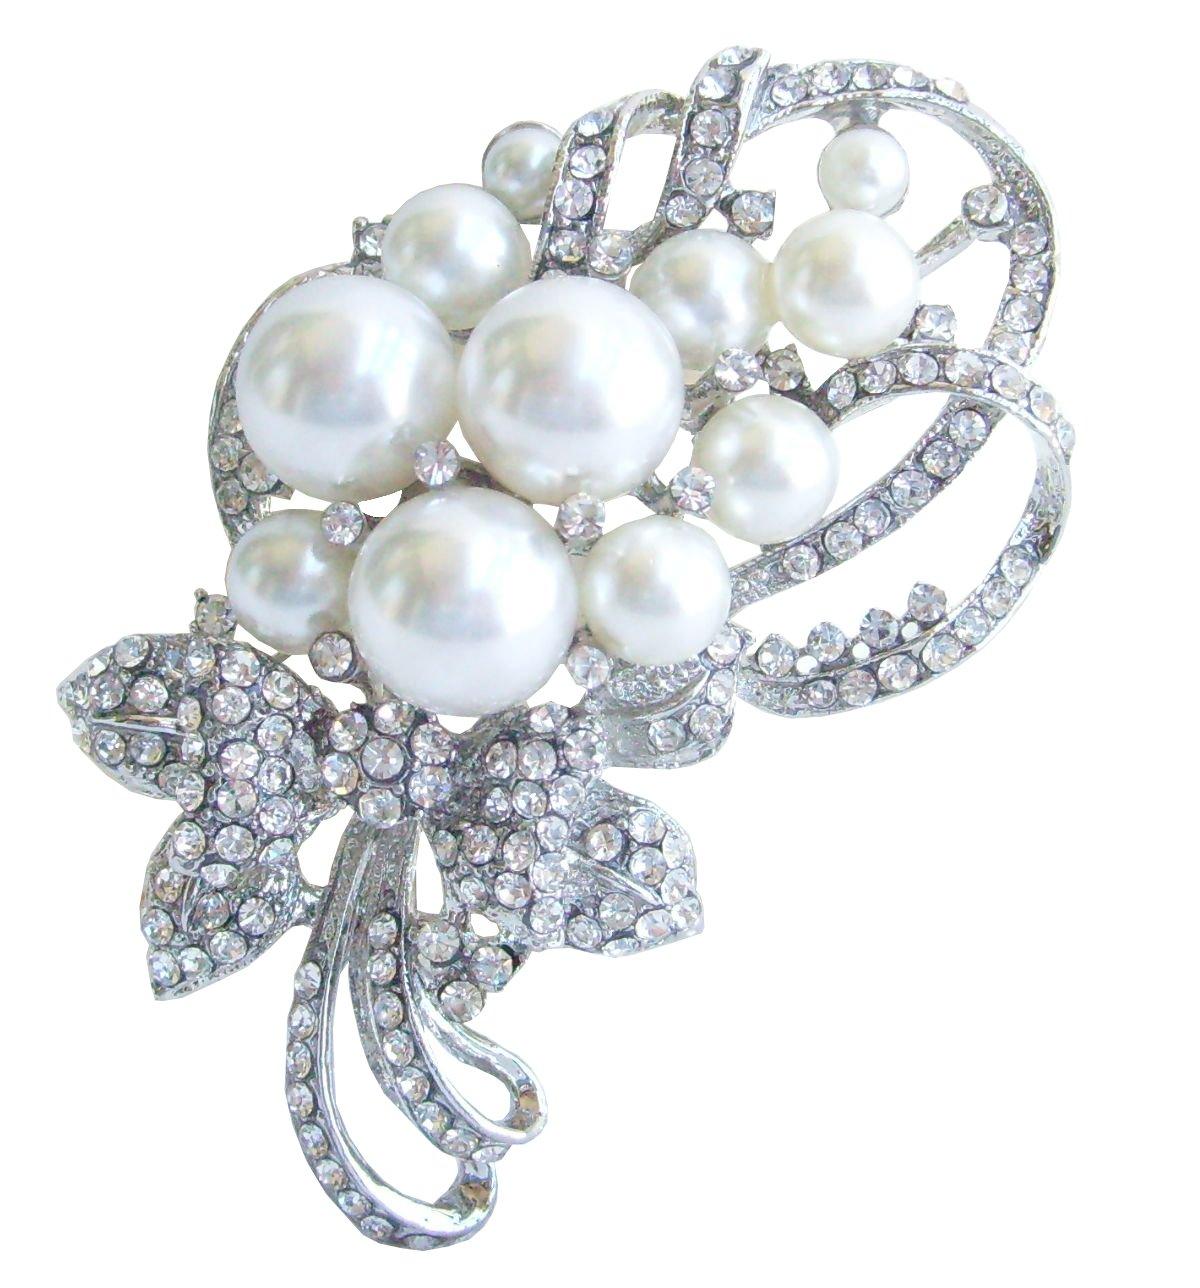 Sindary Wedding 2.76 Inch Silver-tone Pearl Rhinestone Crystal Flower Brooch Pendant